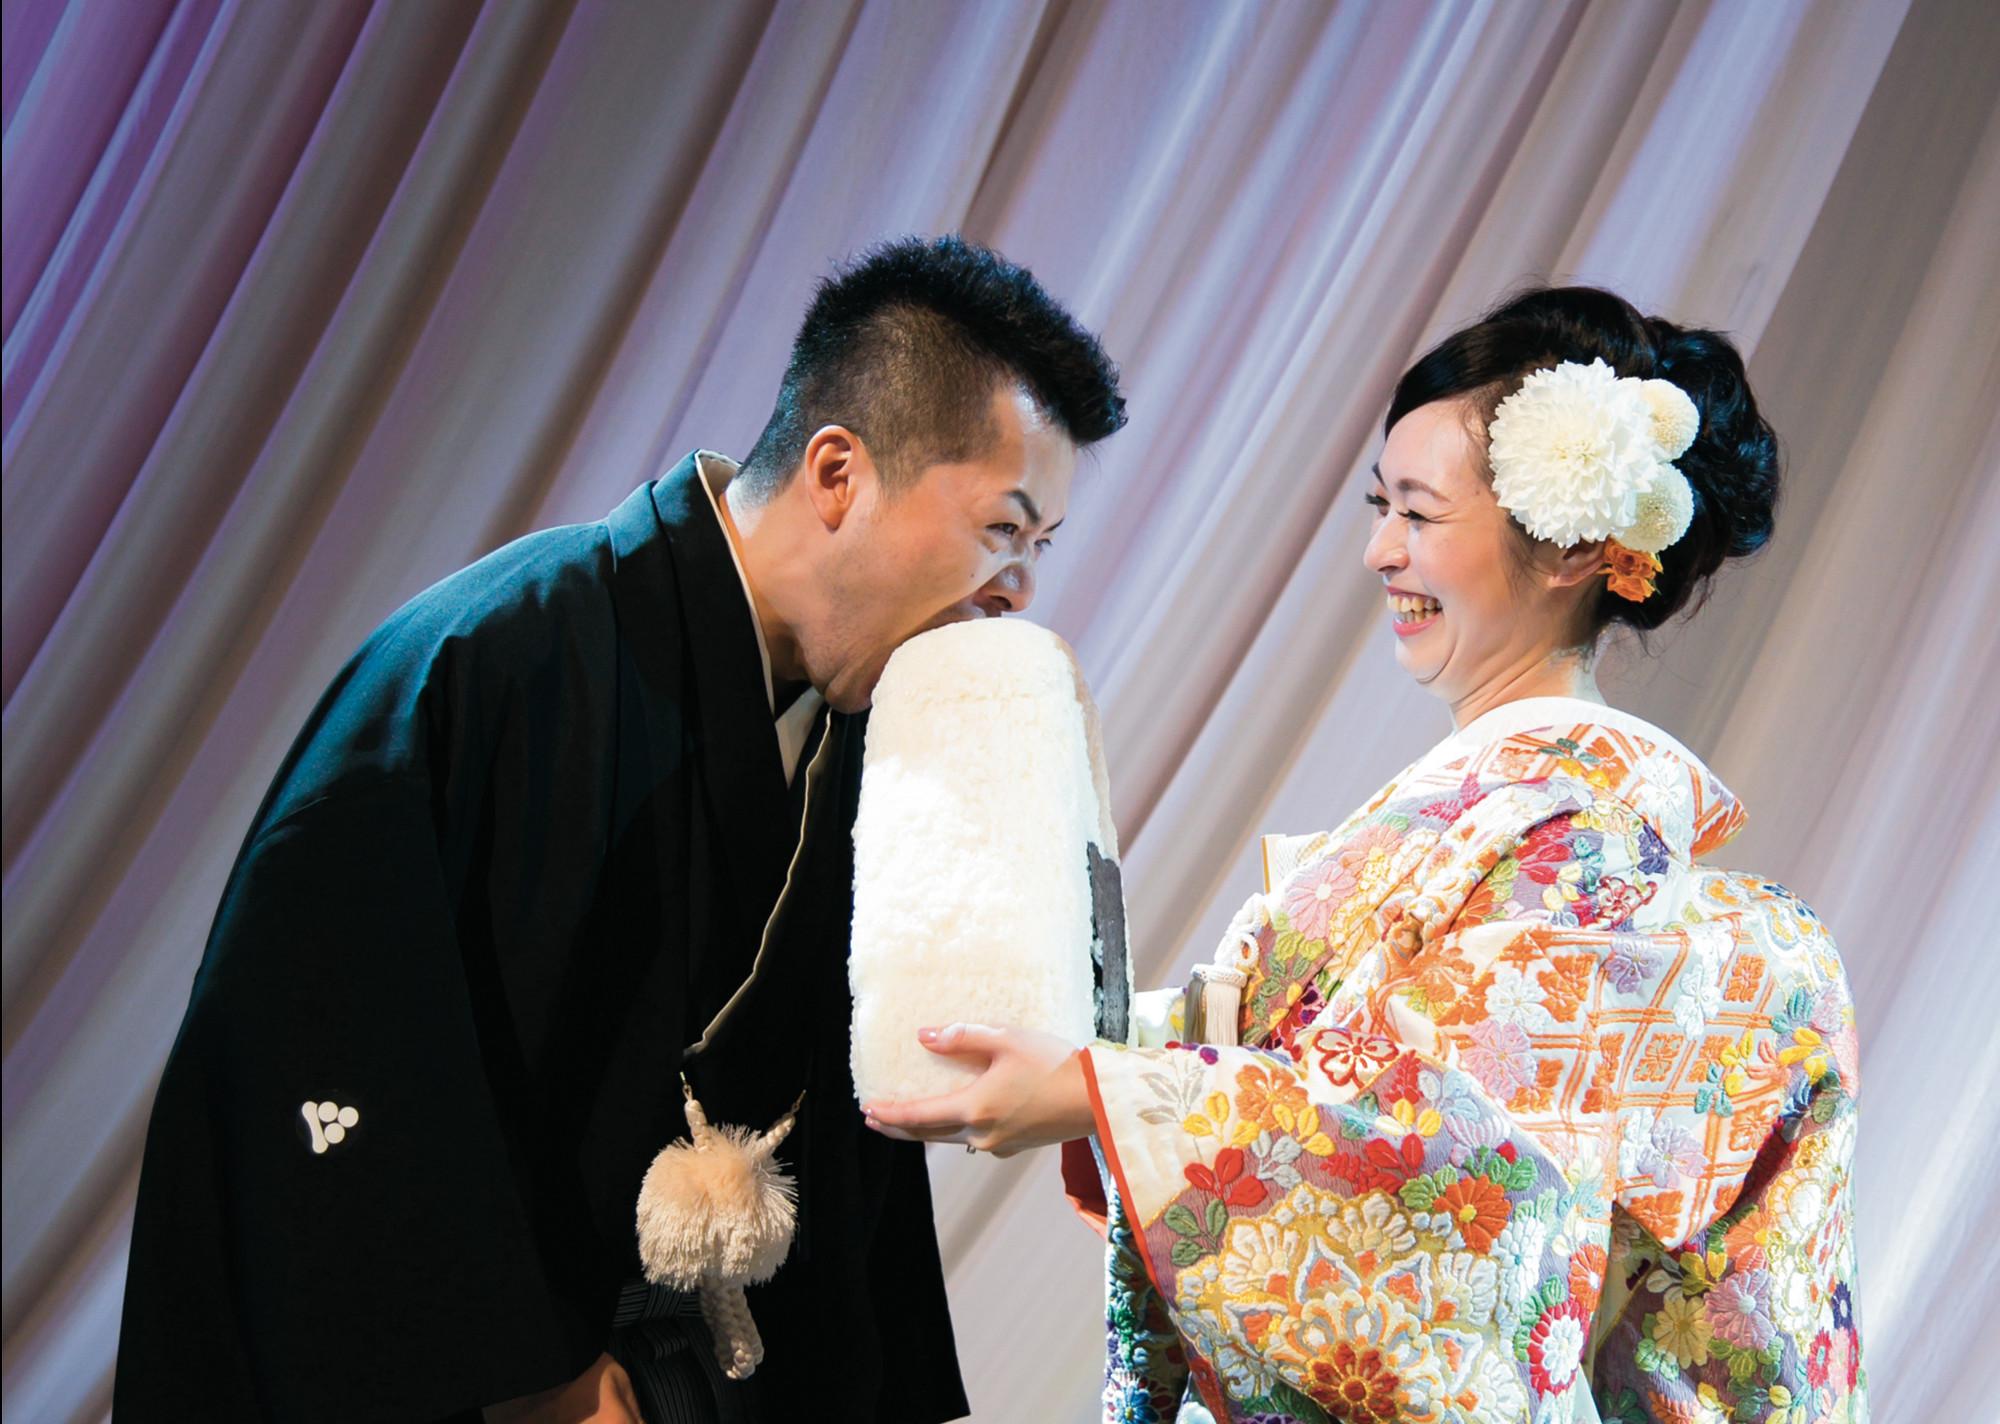 渡邊 啓介さん・理沙さん(旧姓 中西) 金沢と秋田を結ぶ 「おむすびバイト」